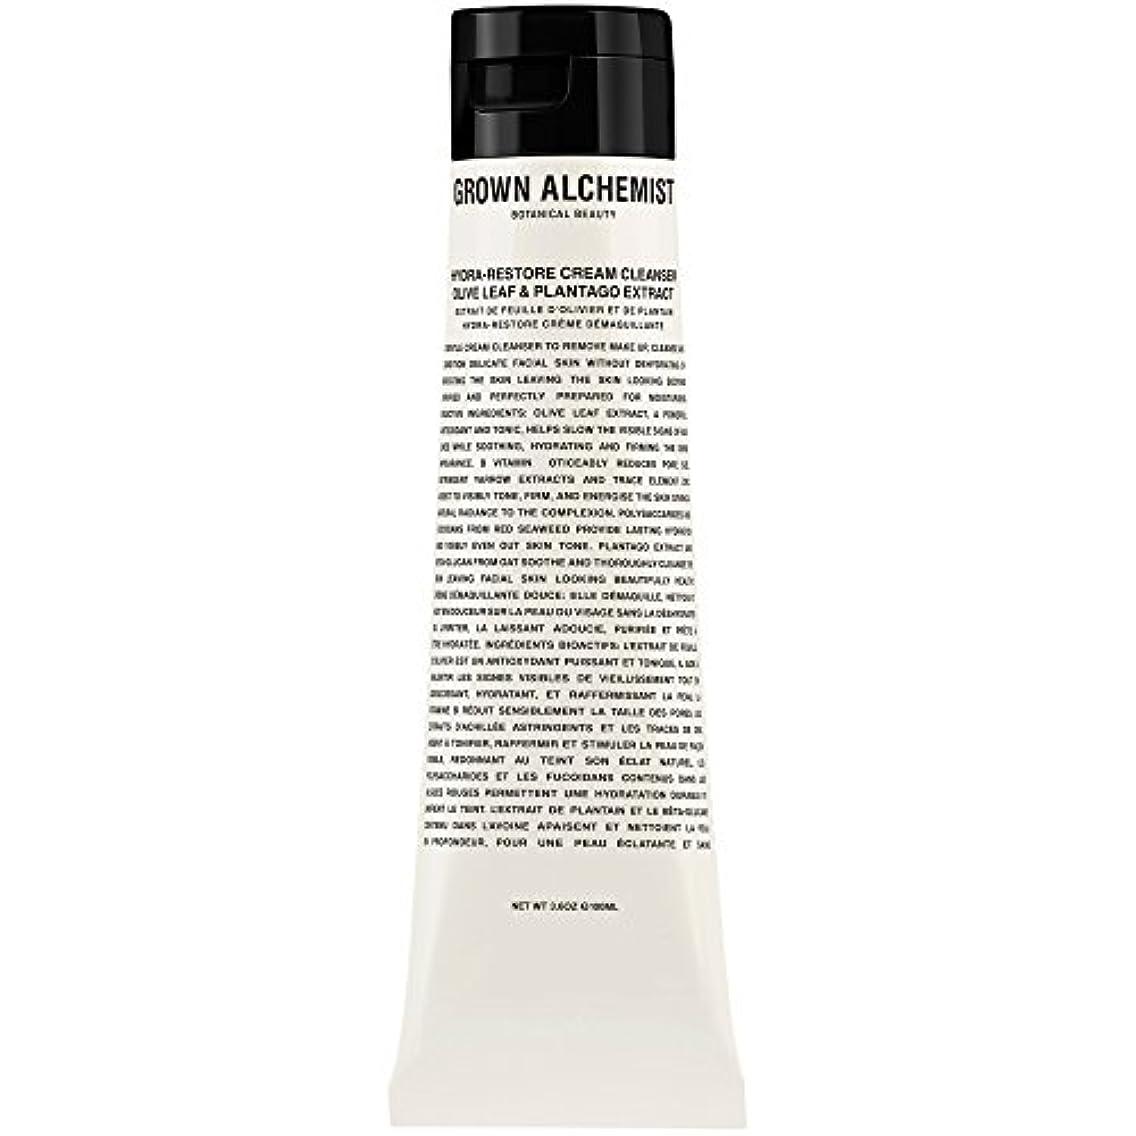 バスルームバースト黒板オリーブの葉&Plantogoエキス、100ミリリットル:成長した錬金術師クリームクレンザーをヒドラ復元 (Grown Alchemist) (x2) - Grown Alchemist Hydra-Restore Cream...